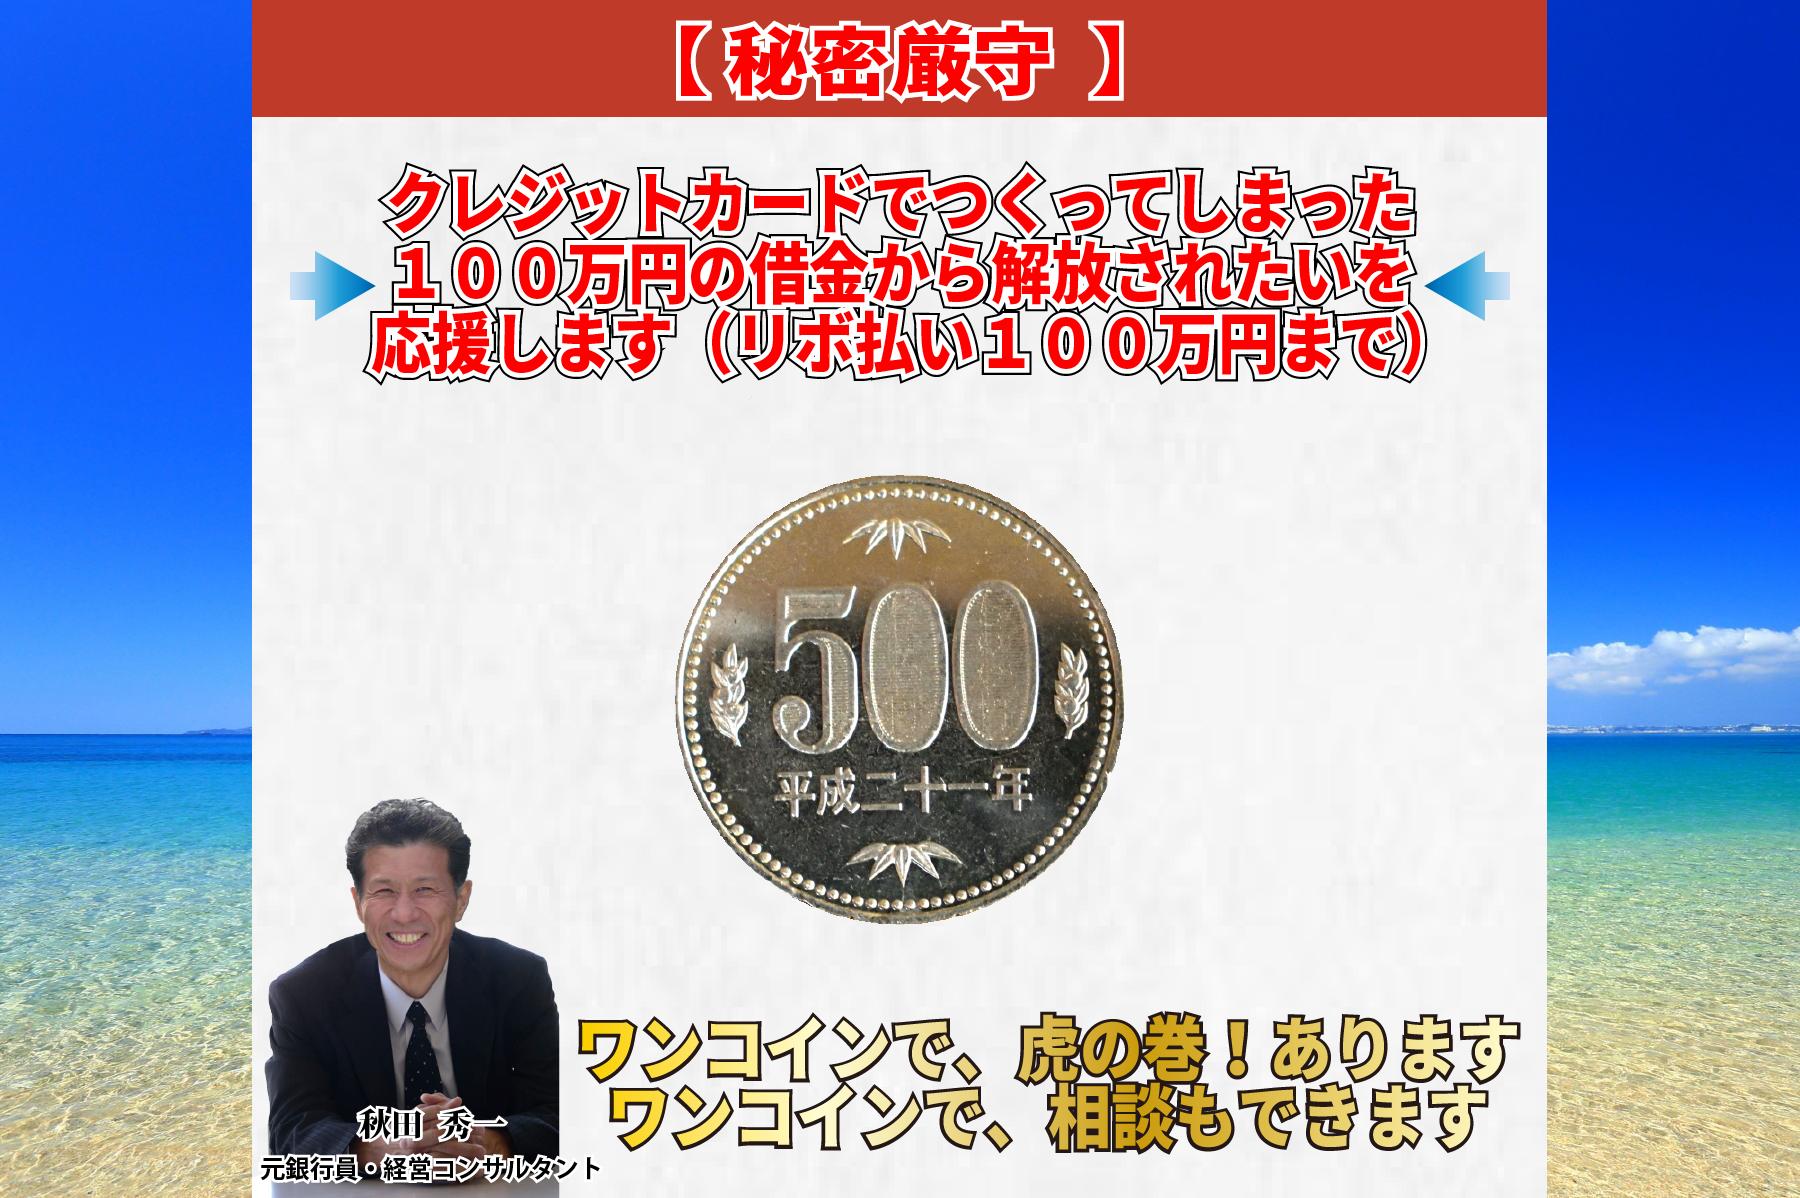 クレジットカードでつくってしまった100万円の借金から解放されたいを応援するブログ